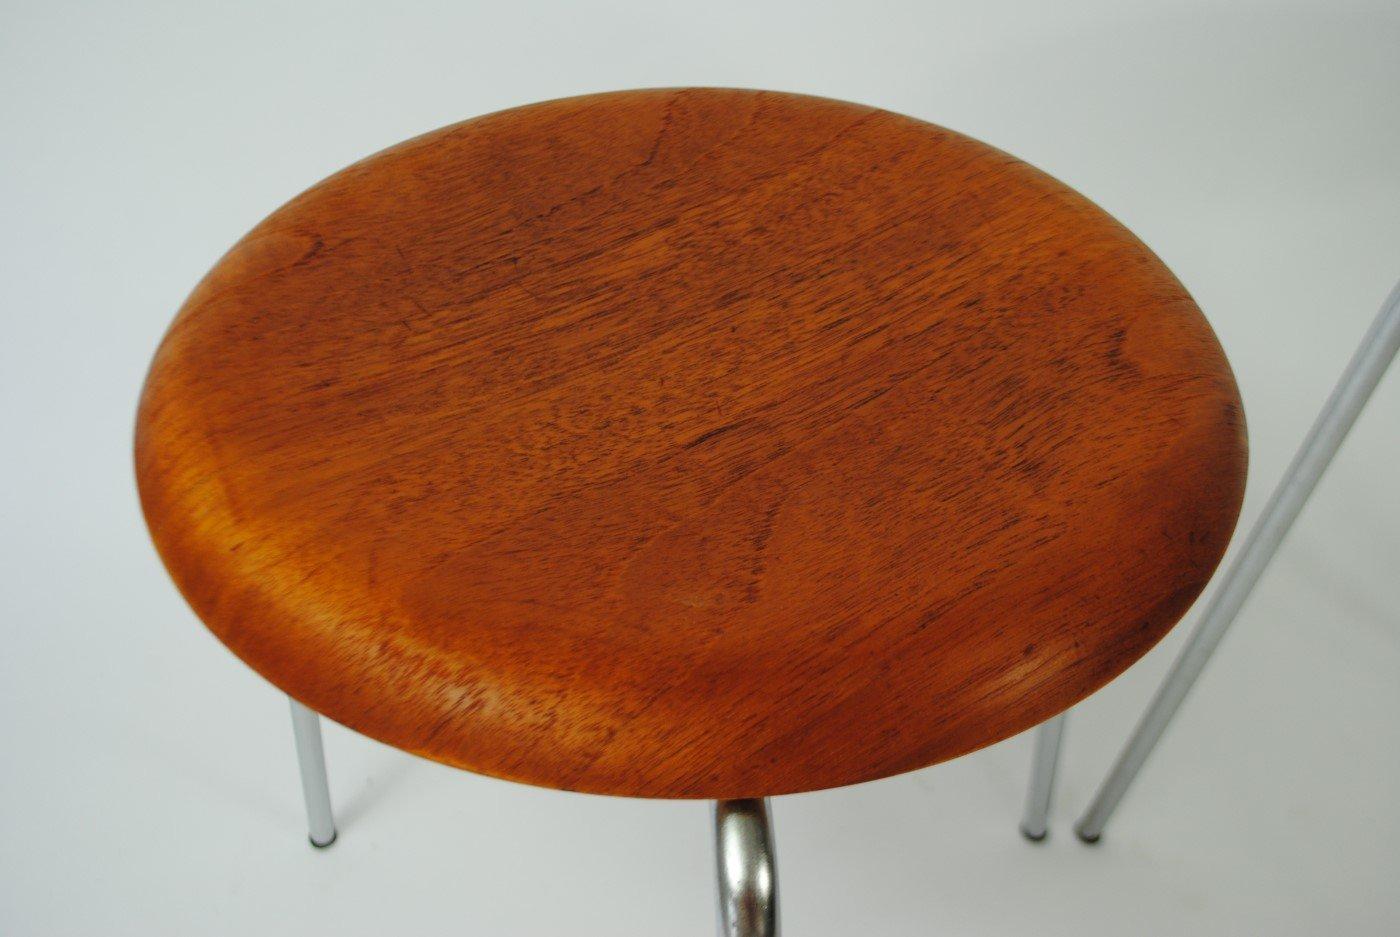 Dot Stool By Arne Jacobsen For Fritz Hansen 1954 For Sale